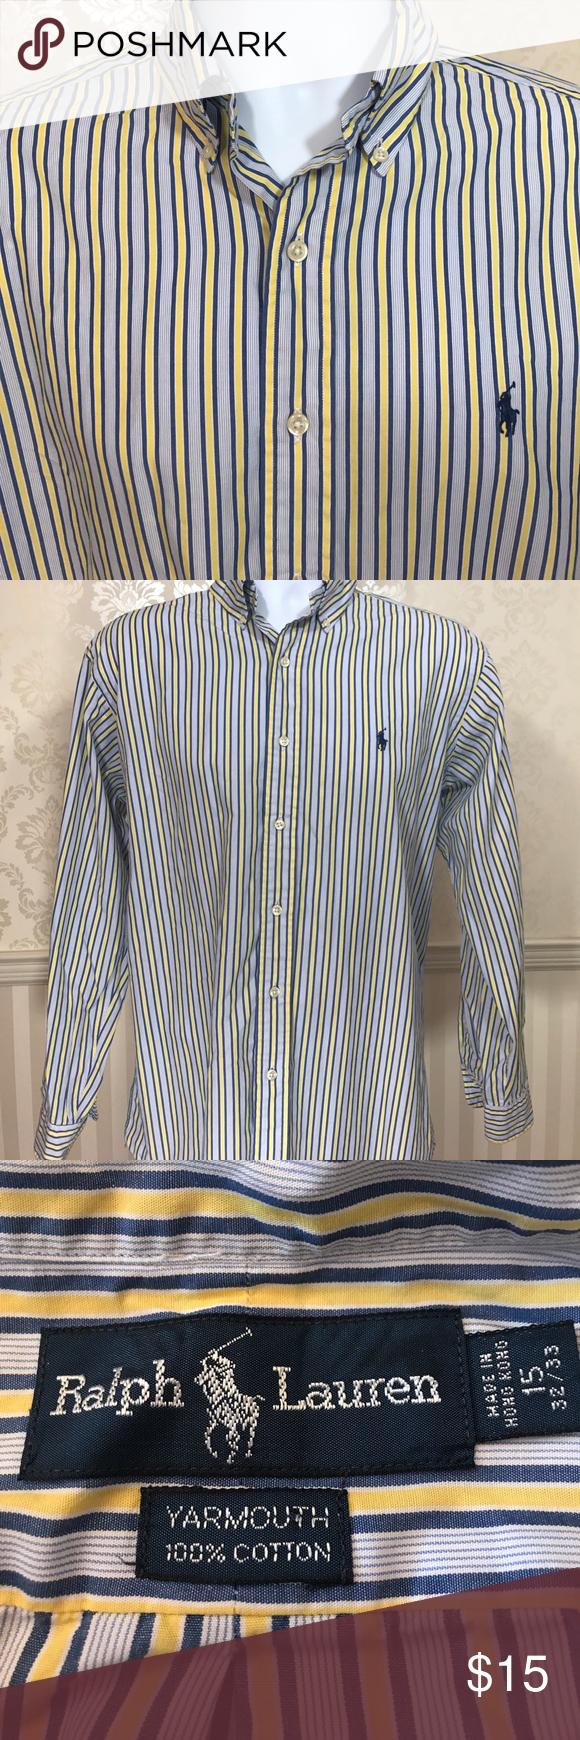 Yellow dress shirt men  Menus Ralph Lauren Striped Button Down Shirt  Blue yellow